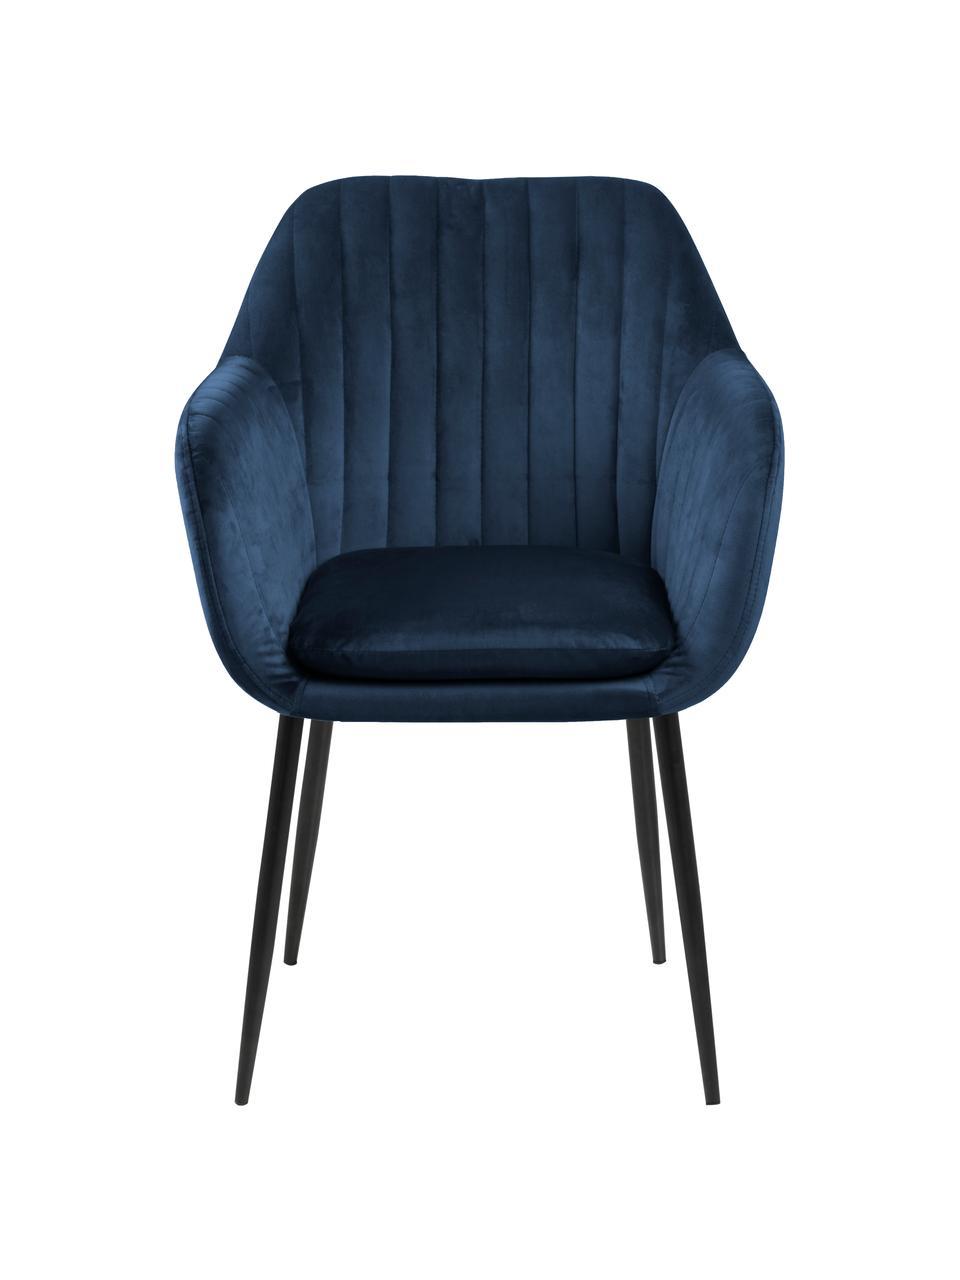 Krzesło z aksamitu z podłokietnikami i metalowymi nogami Emilia, Tapicerka: aksamit poliestrowy Dzięk, Nogi: metal lakierowany, Aksamit ciemny niebieski, czarny, S 57 x G 59 cm